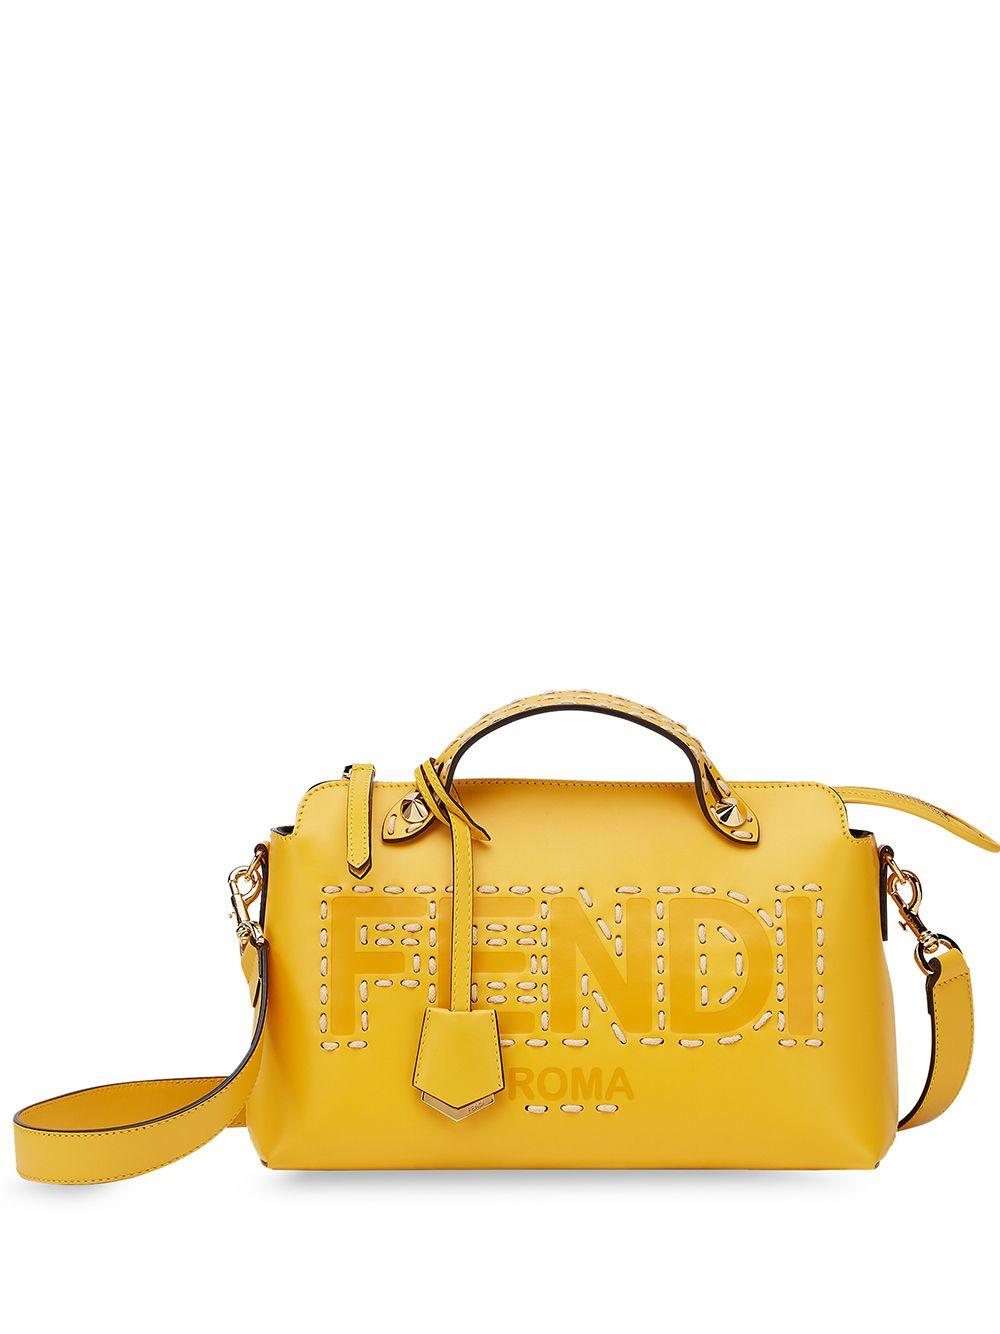 Fendi By the Way Handtasche - Gelb